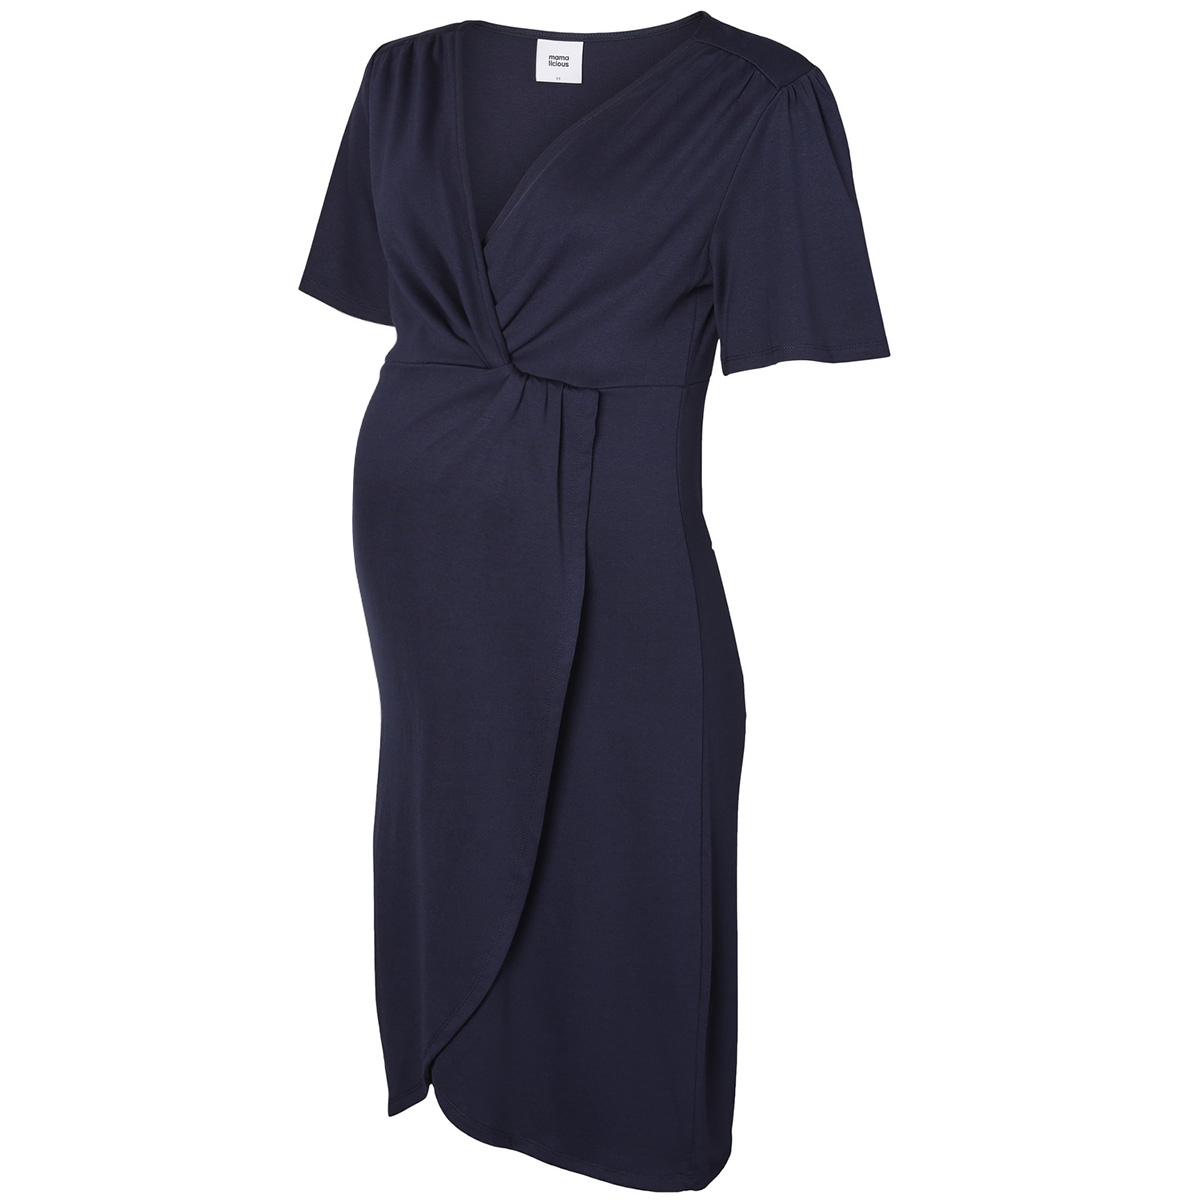 mlsuri 2/4 abk jersey dress 20008170 mama-licious positie jurk black iris